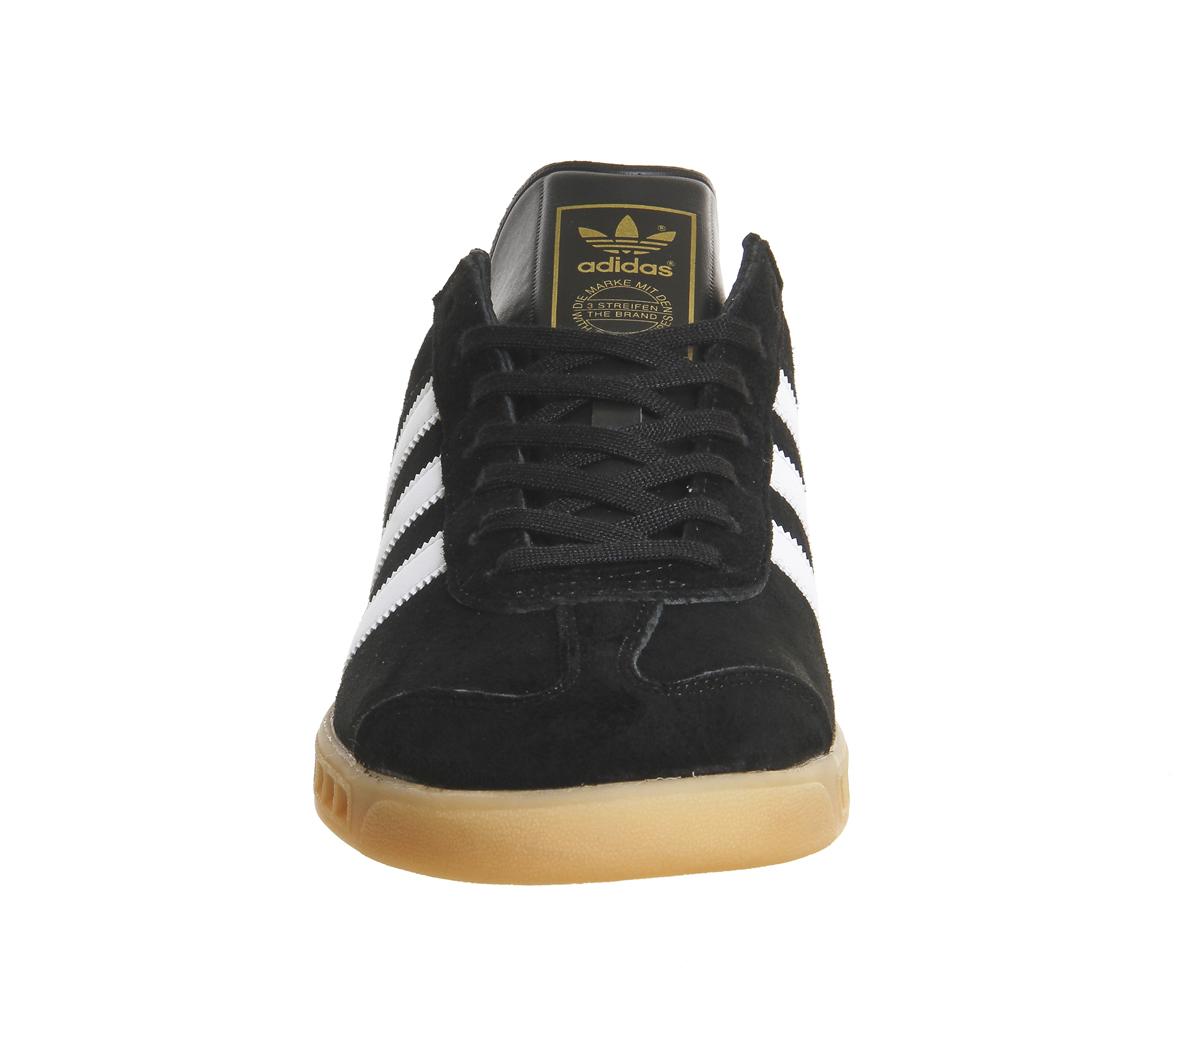 Adidas Hamburg Hamburg Adidas Noir eb GUM Trainers Shoes eb Noir e52424